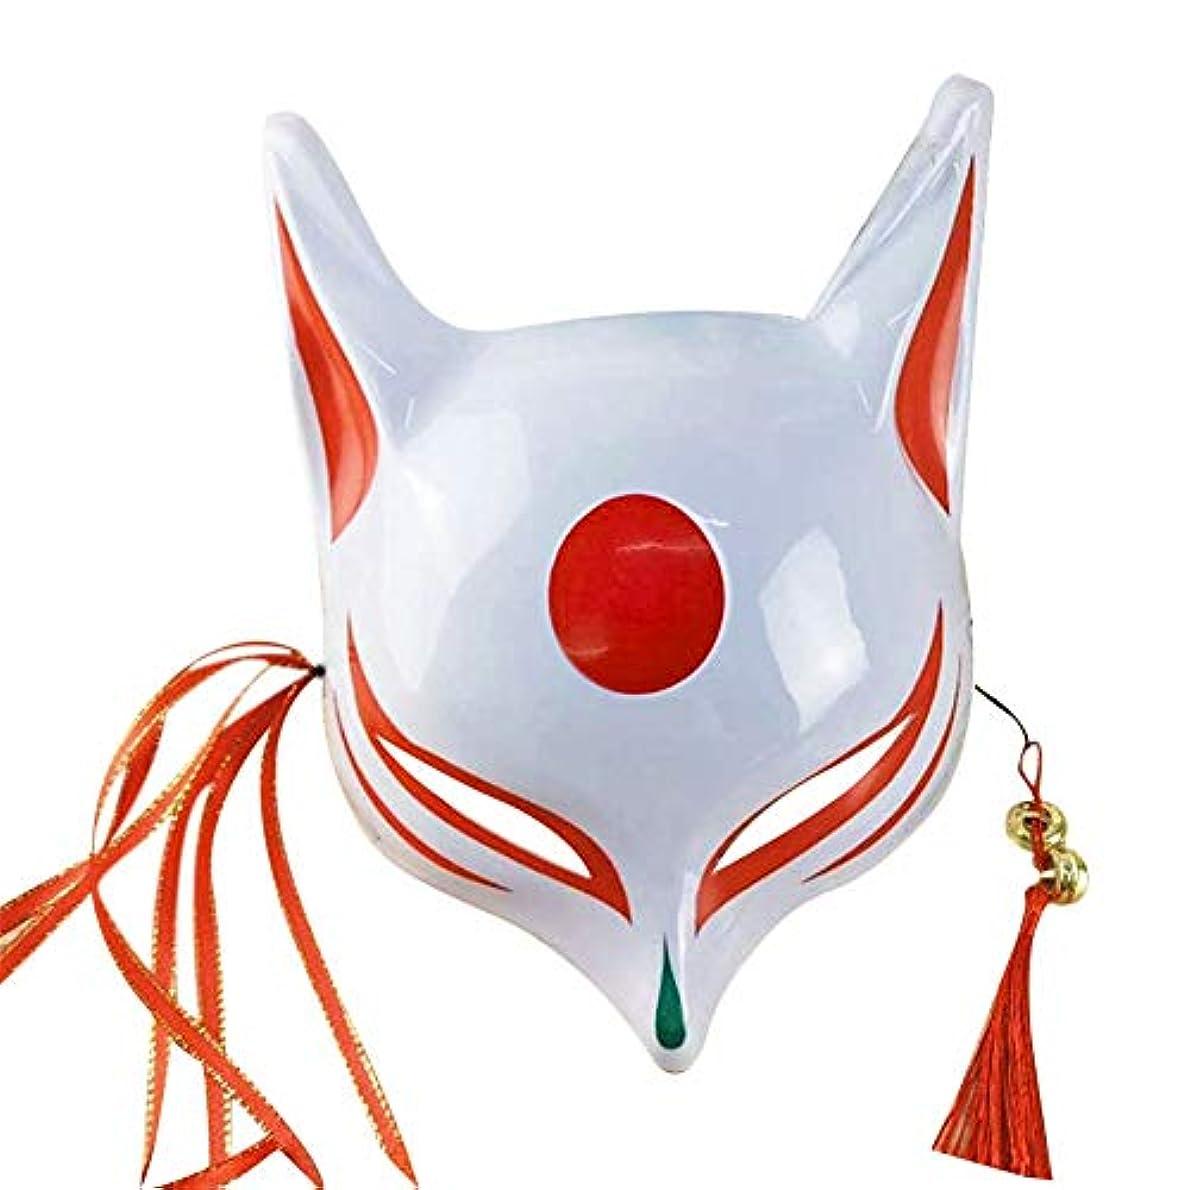 配当グレード付添人KISSION手描きのマスクフォックスハーフフェイスマスクロールプレイ仮装ドレスアップ マスクバーパーティー キツネの妖精の半分の顔 和風の手描き